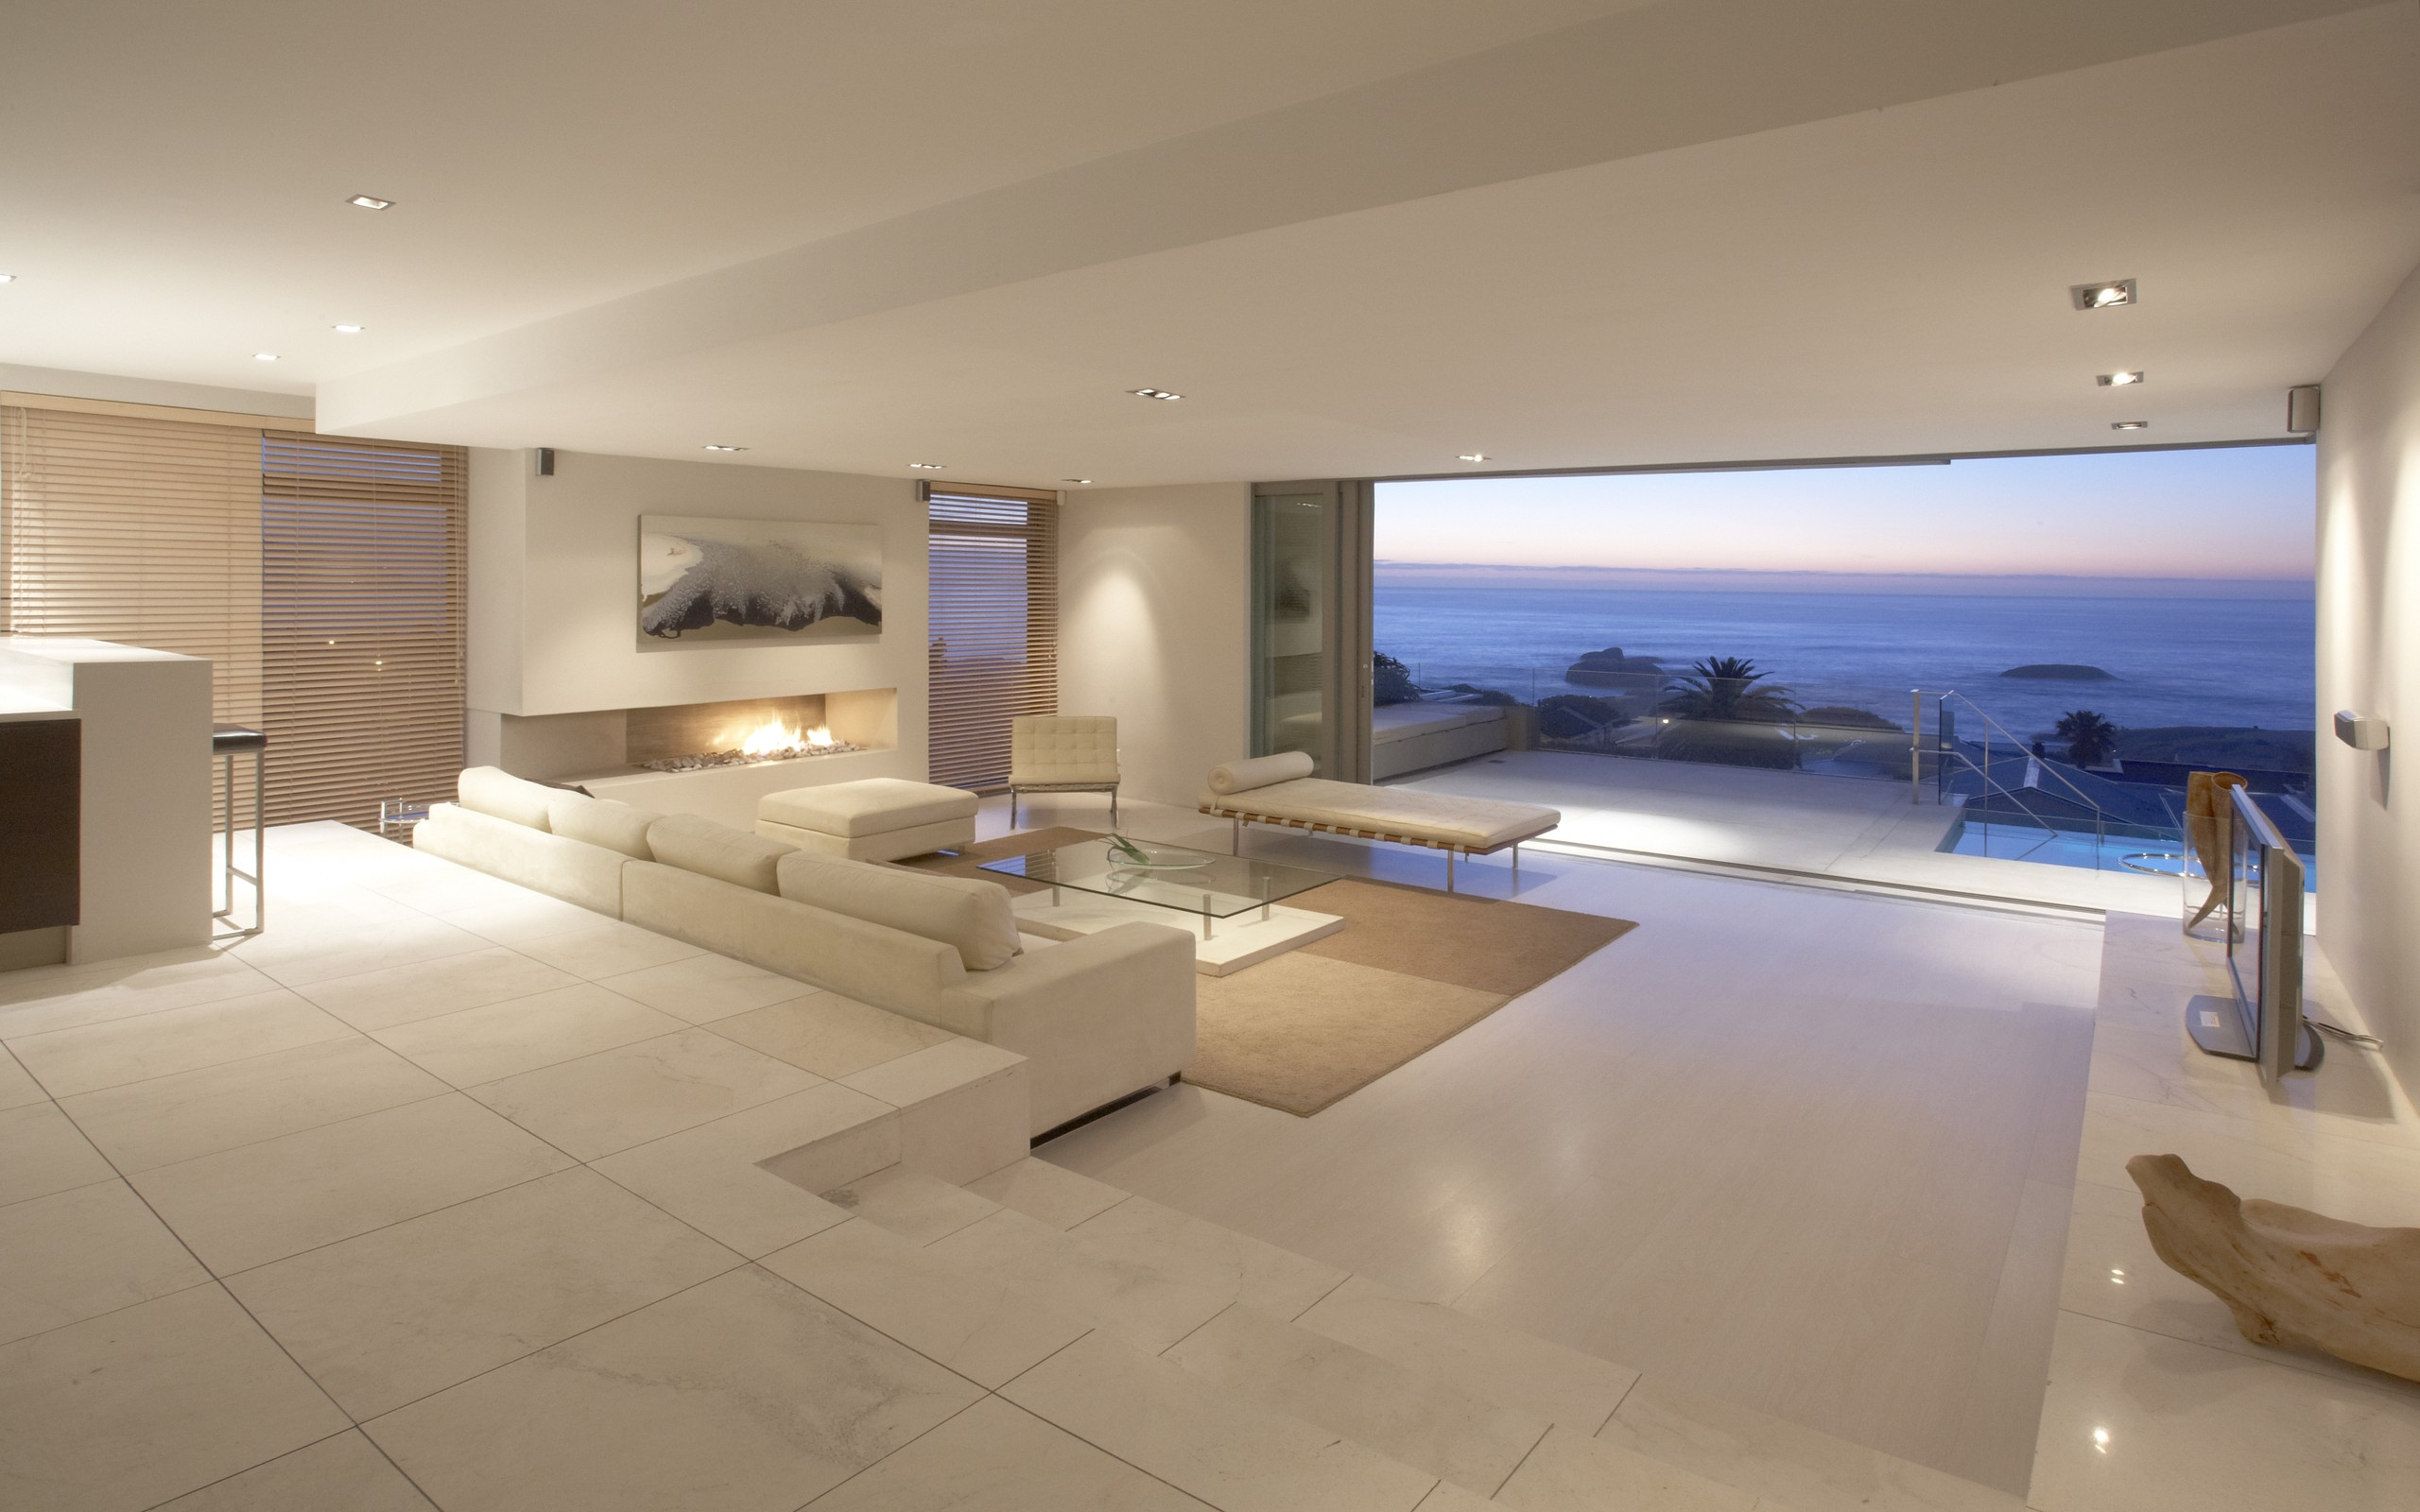 Diseño de una casa de Playa - 2560x1600